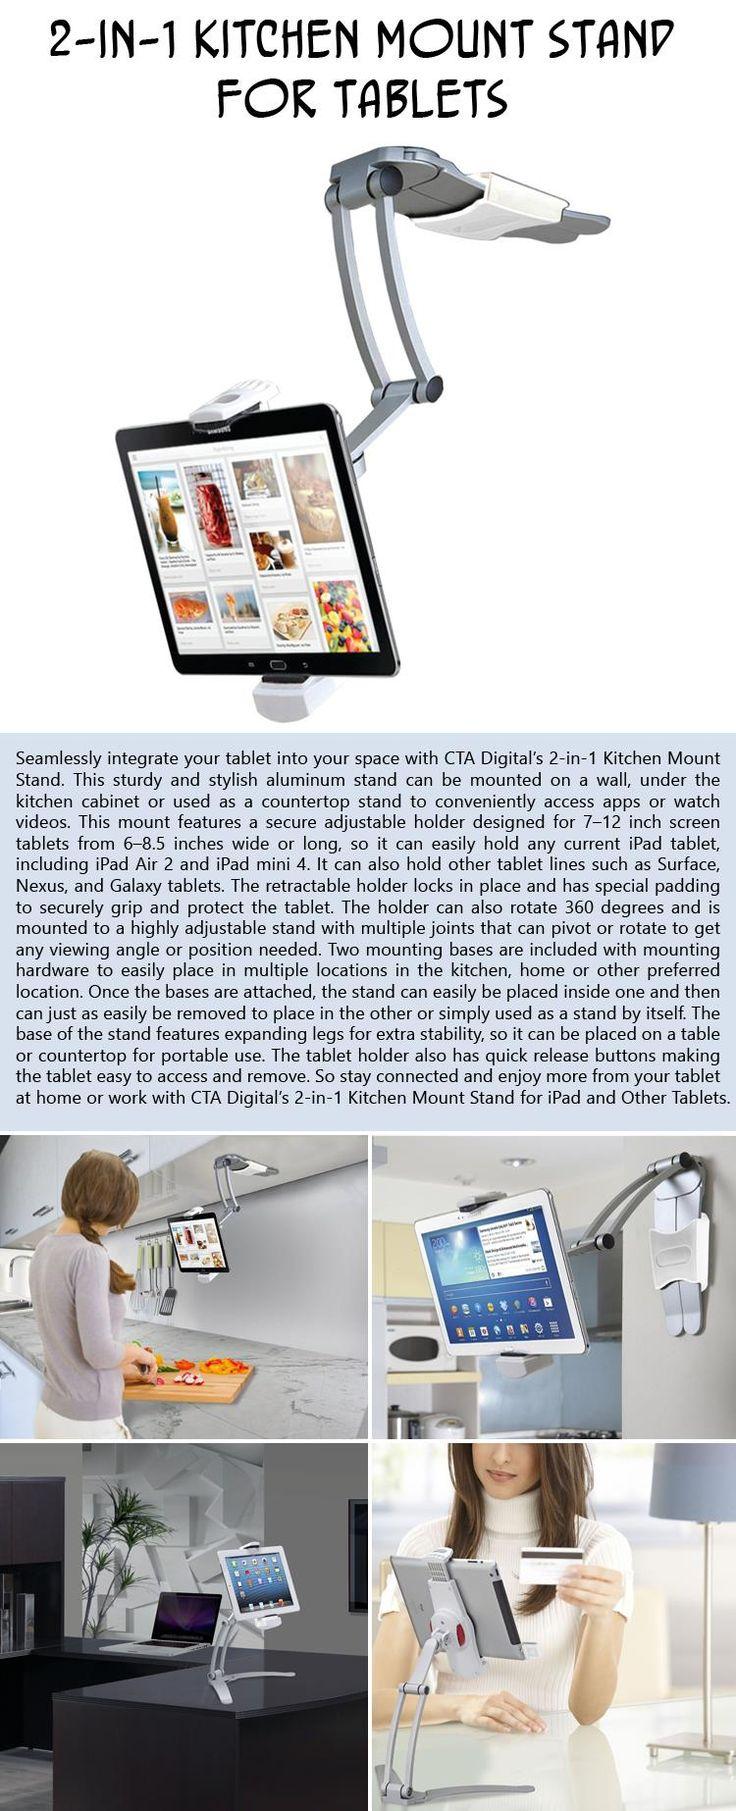 2239 best Amazing Ideas! images on Pinterest | Amazing ideas ...